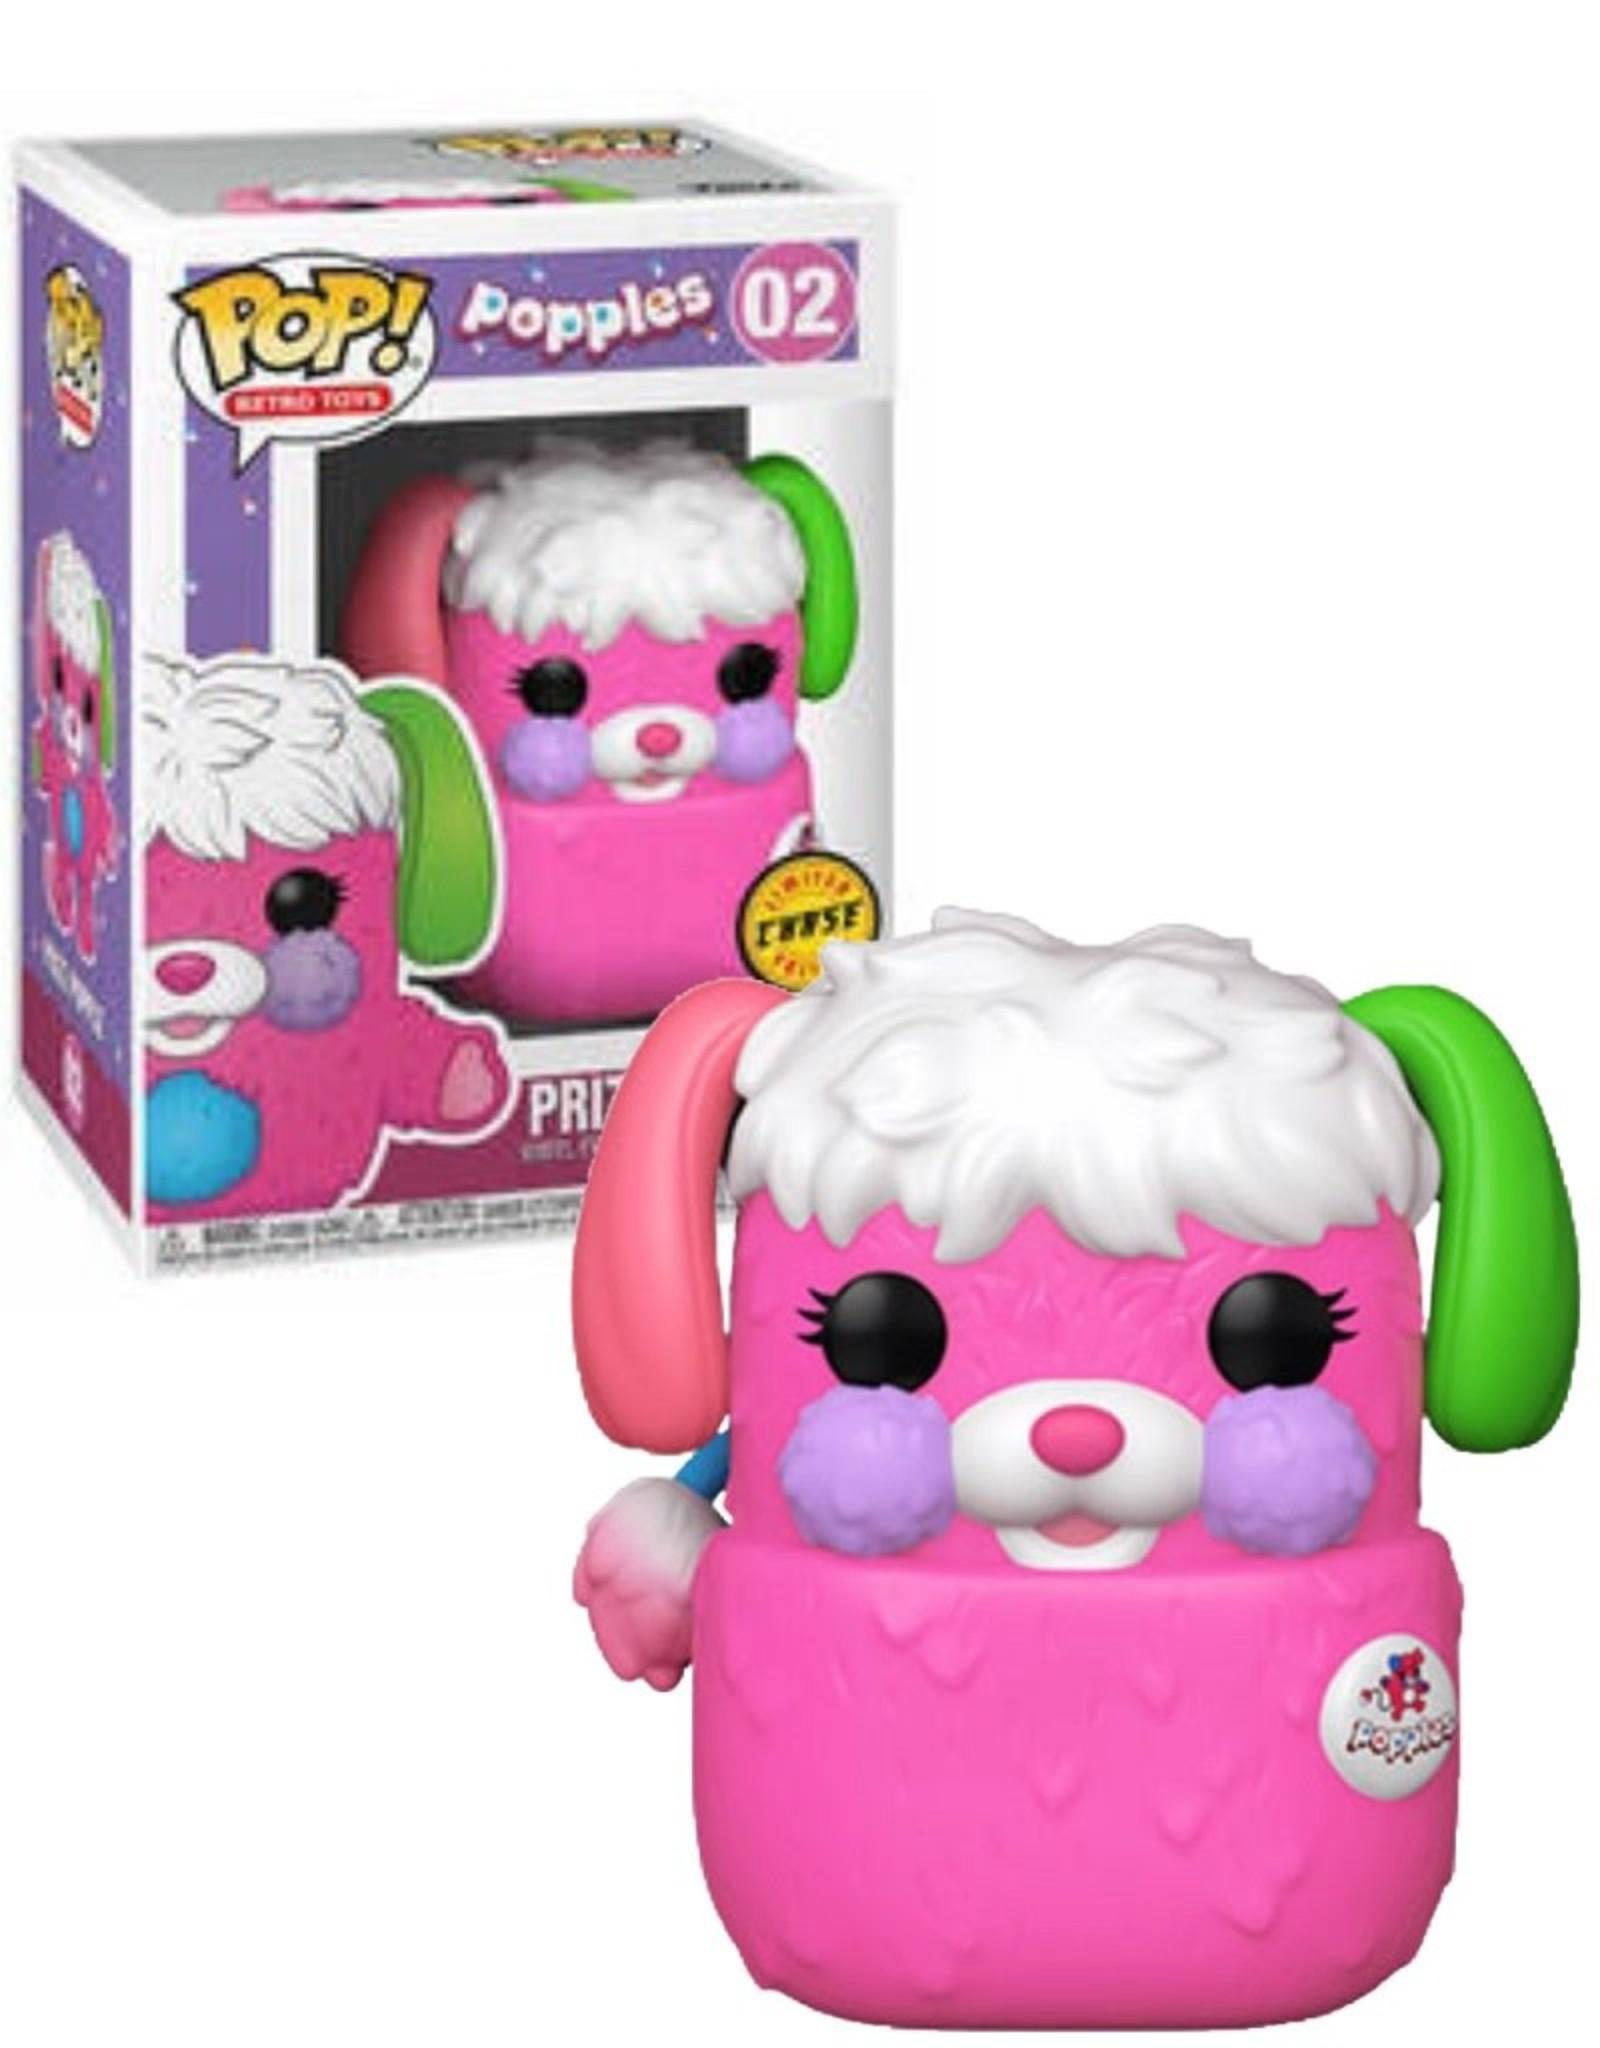 Popples 02 ( Funko Pop ) Prize Popple CHASE